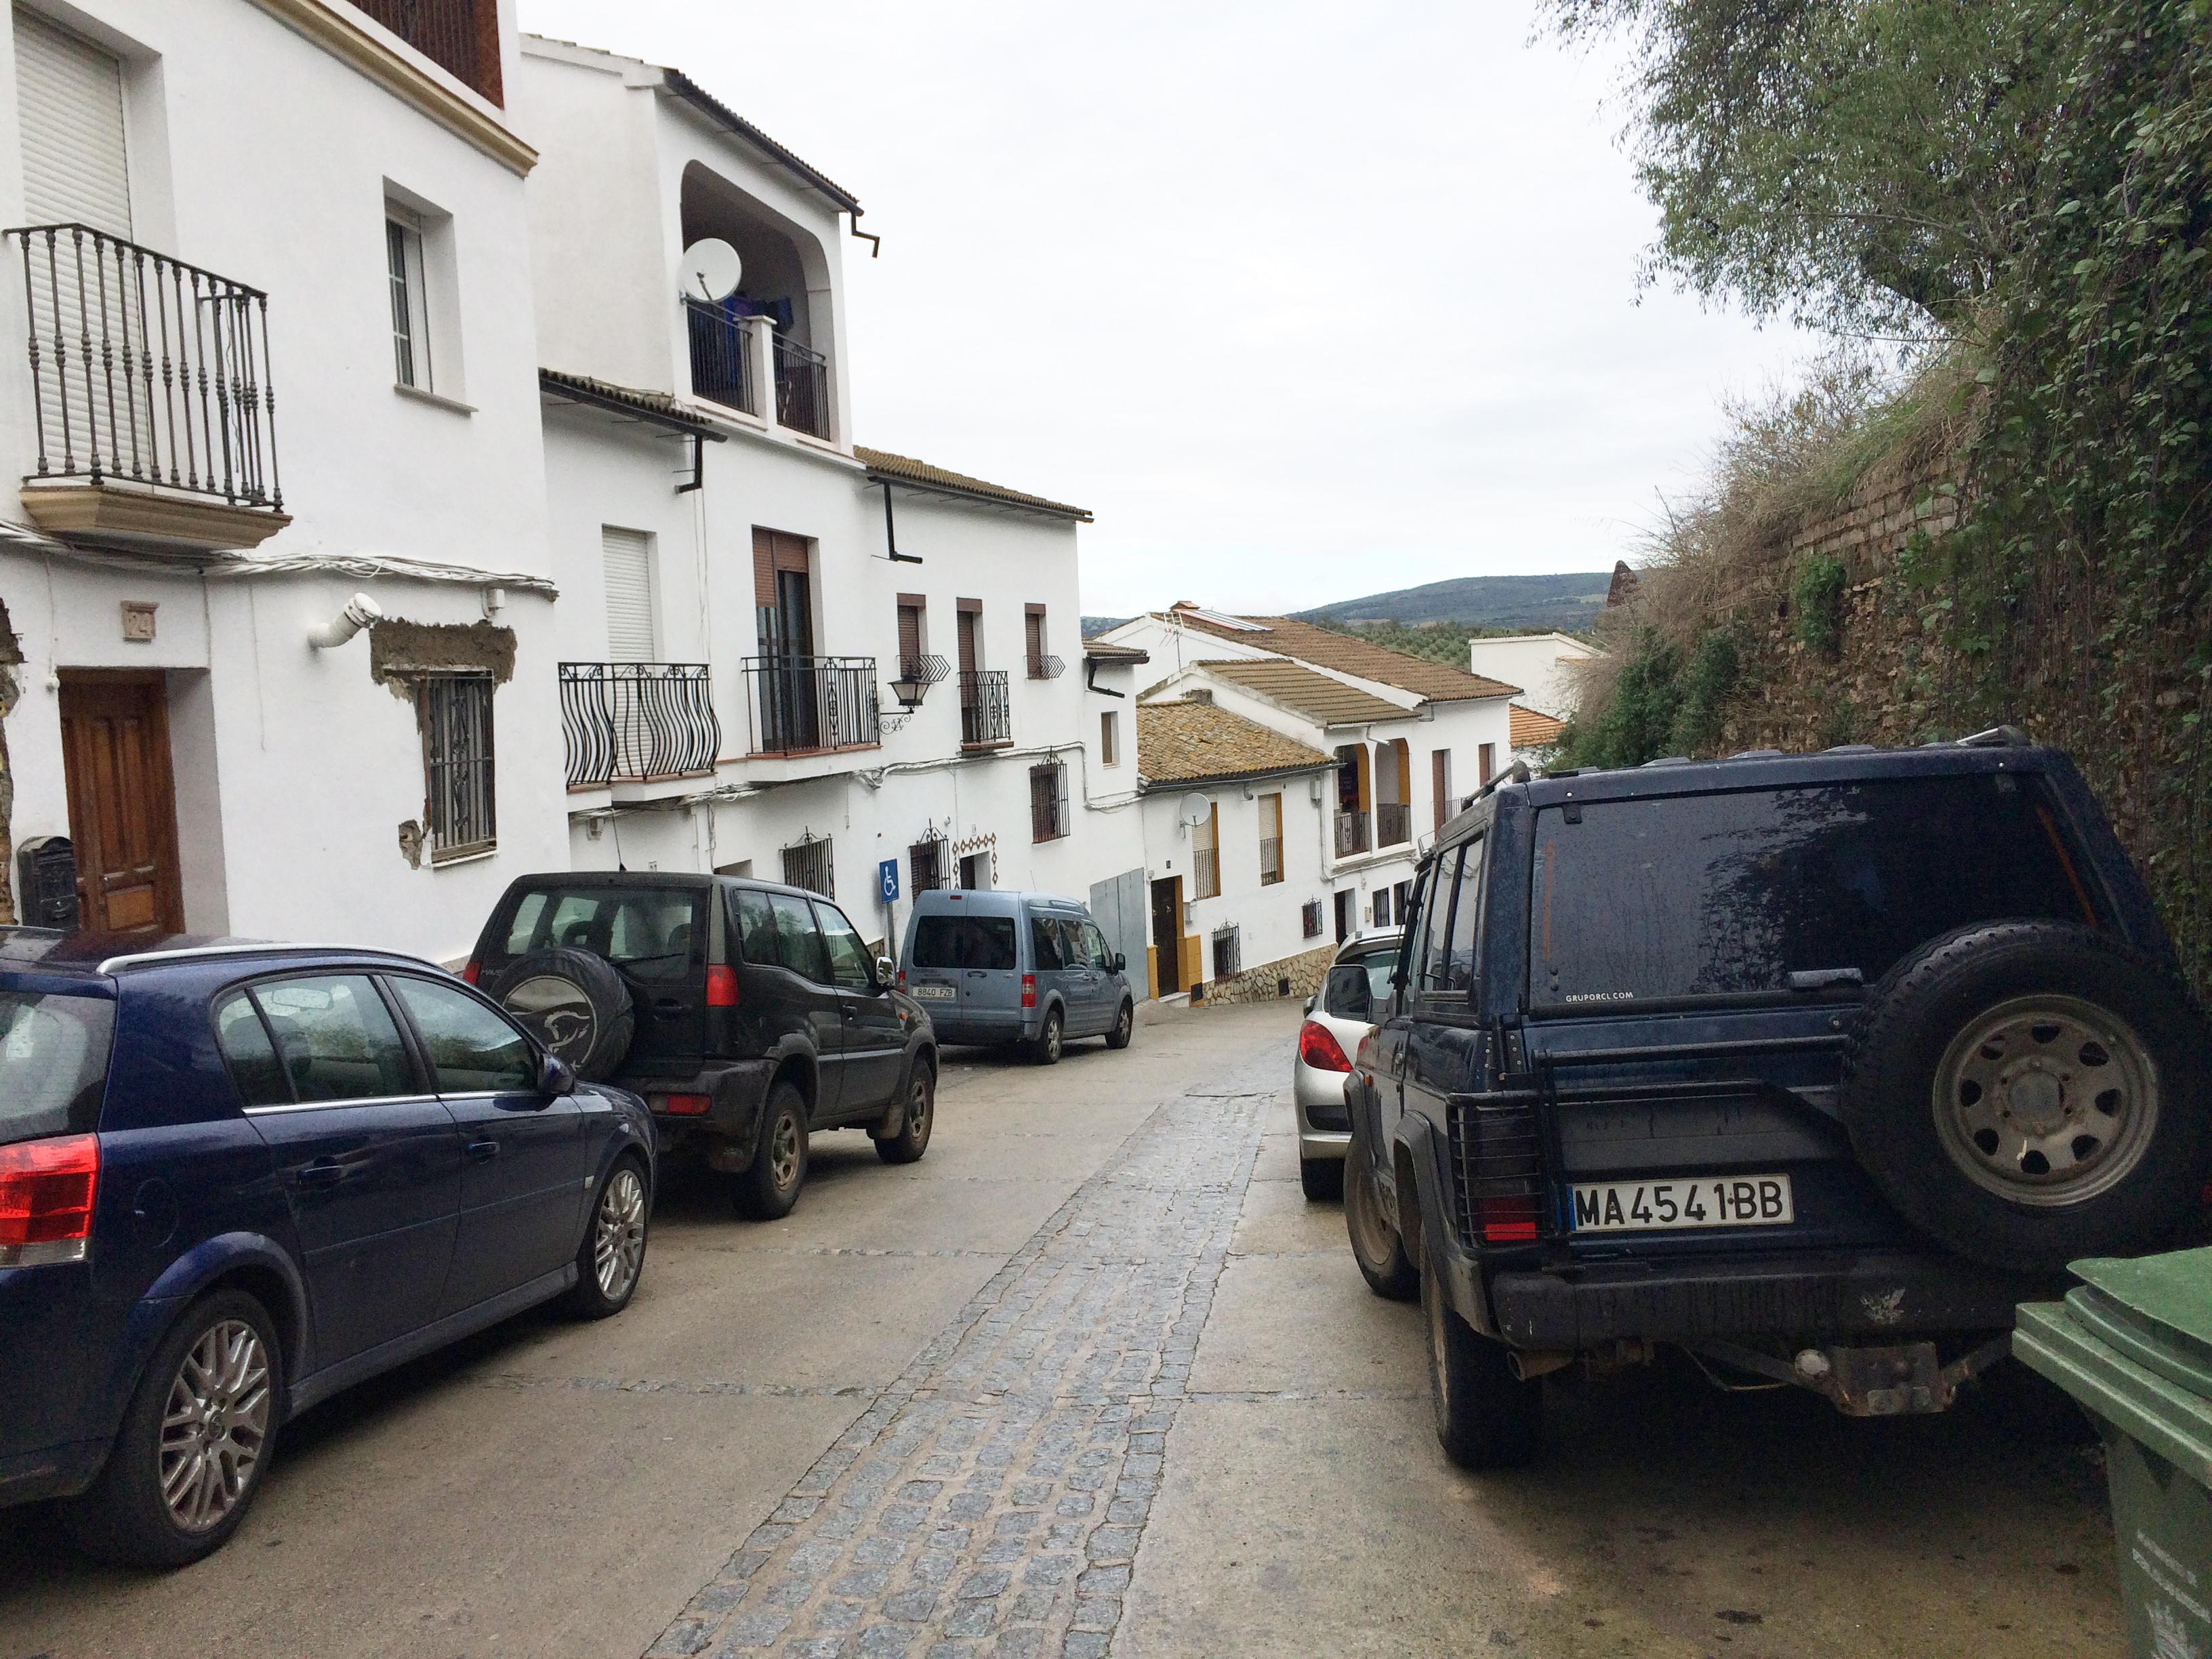 Aspecto que presentaba la calle Reyes Católicos este último fin de semana. Al fondo a la izquierda, la vivienda de Rosario Ordóñez. La amplitud de la calle permite, como se observa en la imagen, aparcar coches a ambos lados del recorrido.